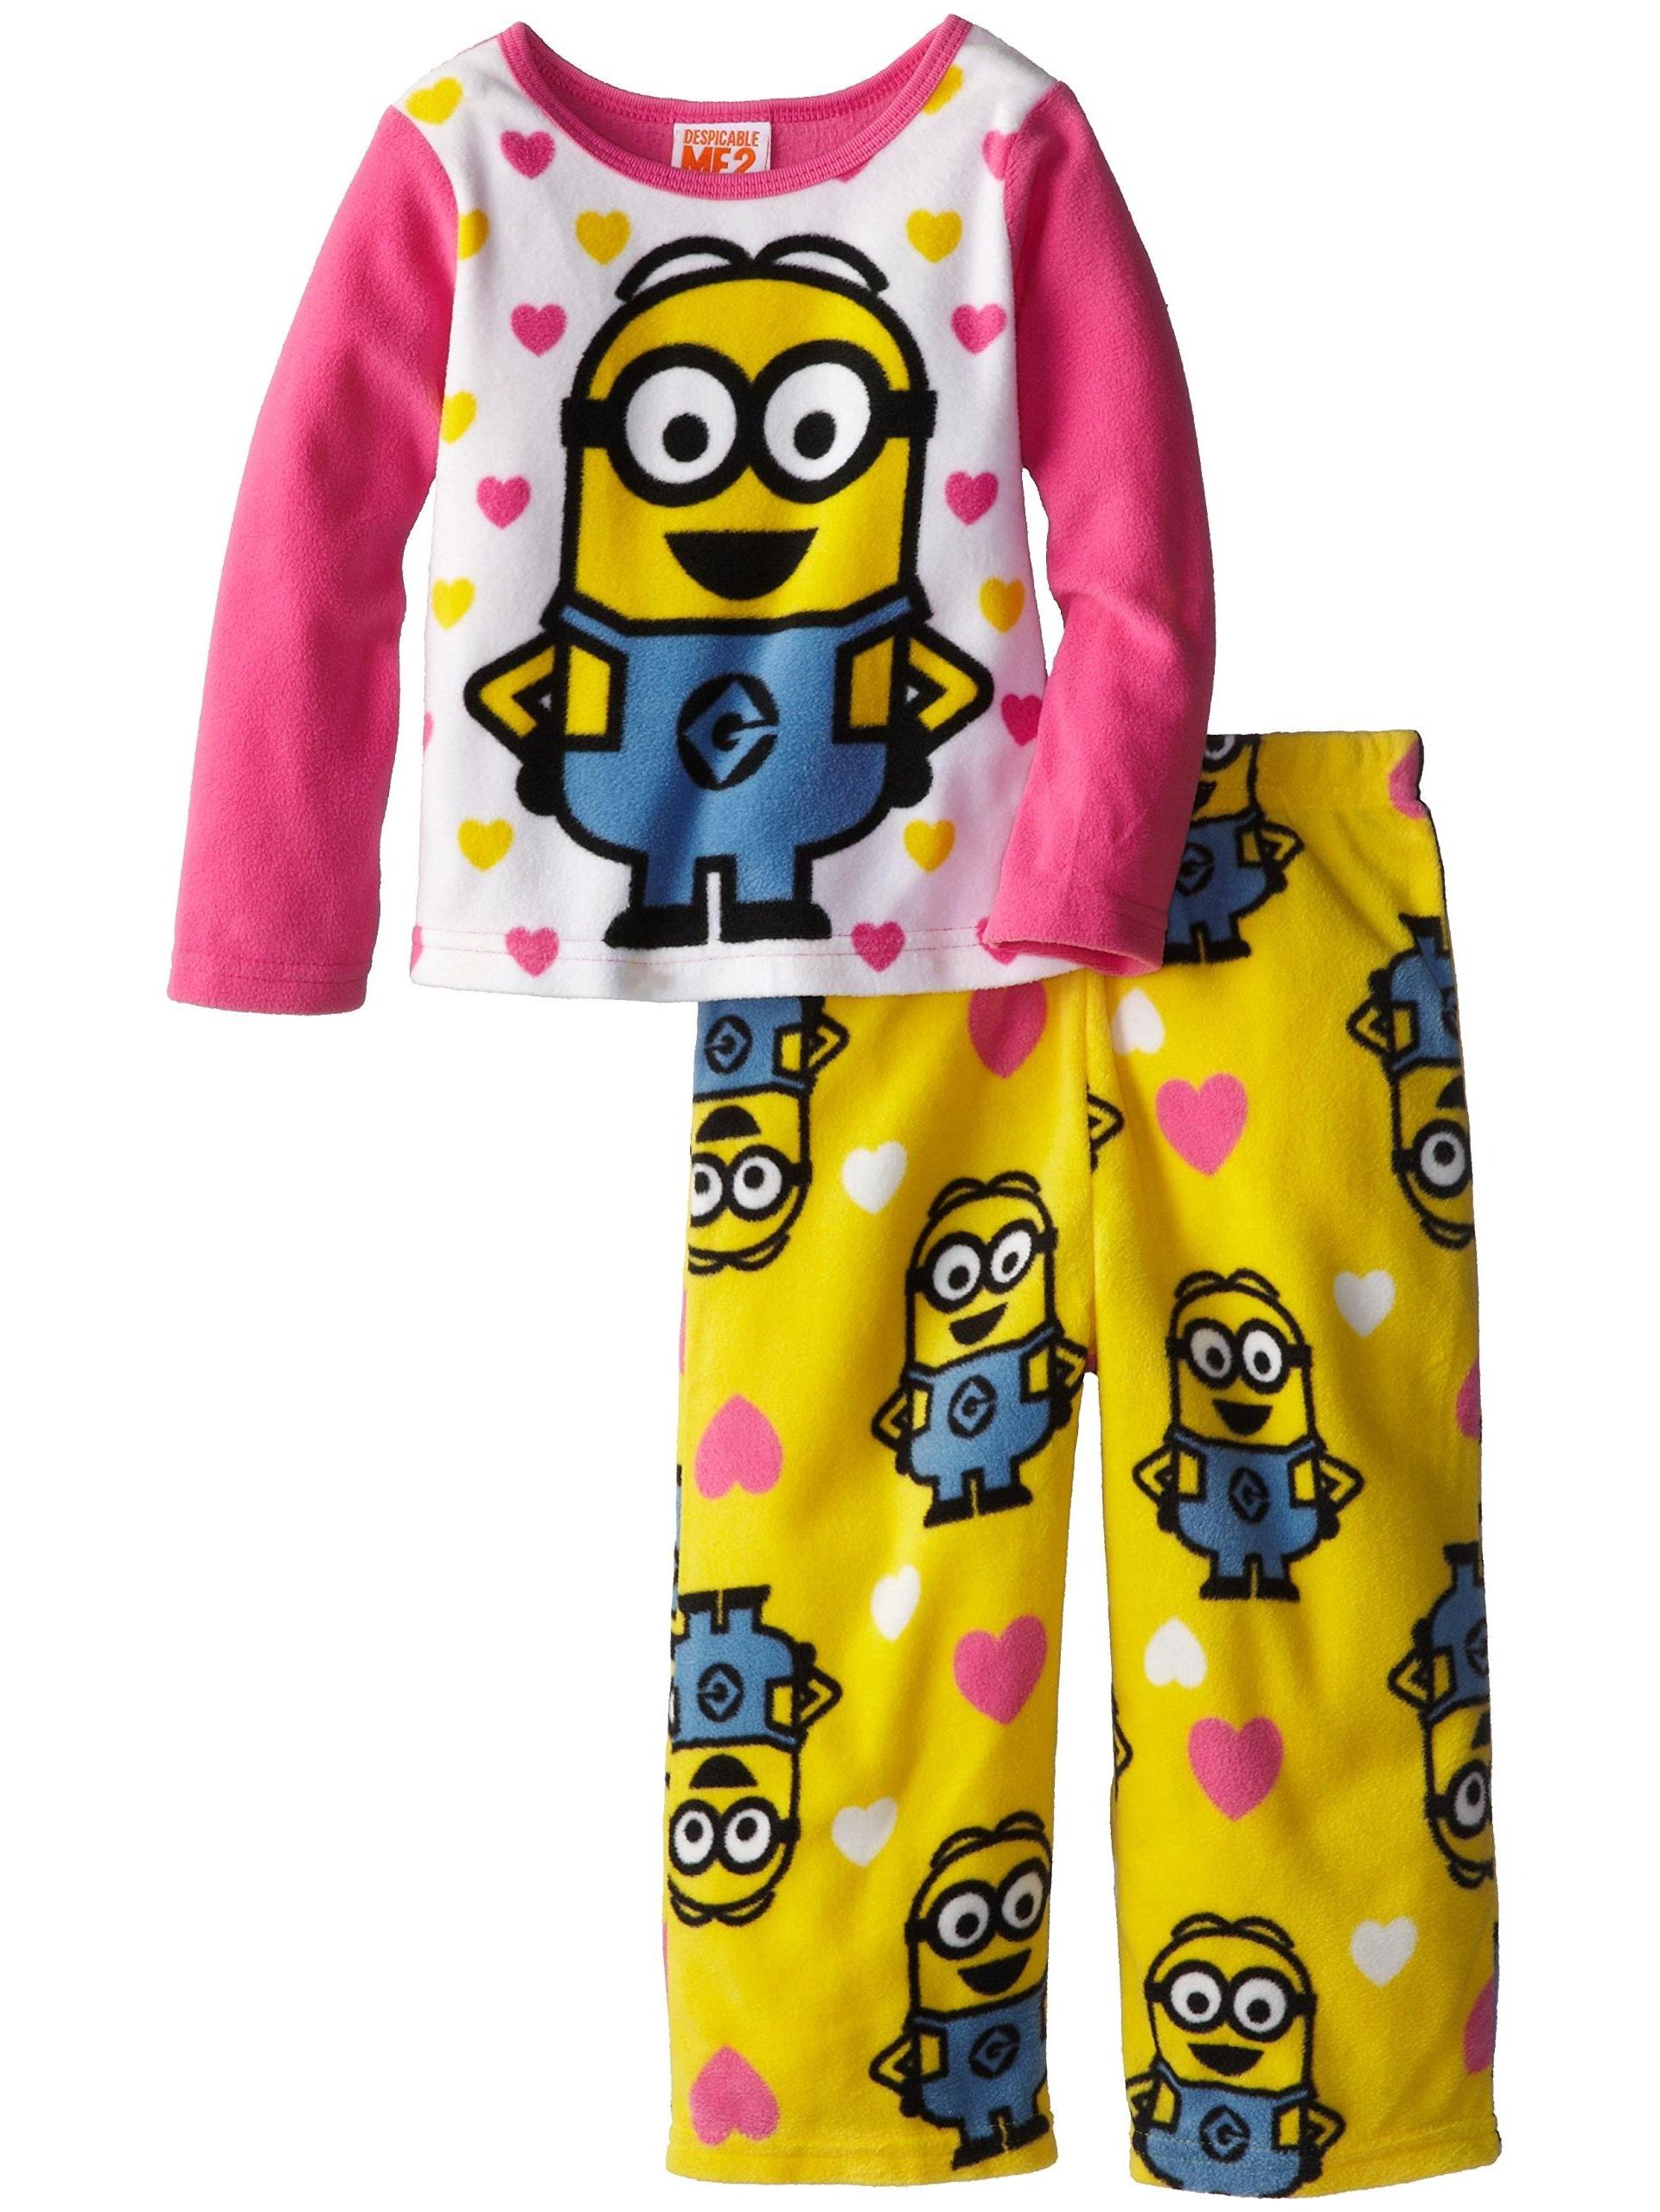 AME Sleepwear Little Girls' Despicable Me Cozy Fleece Pajama Set